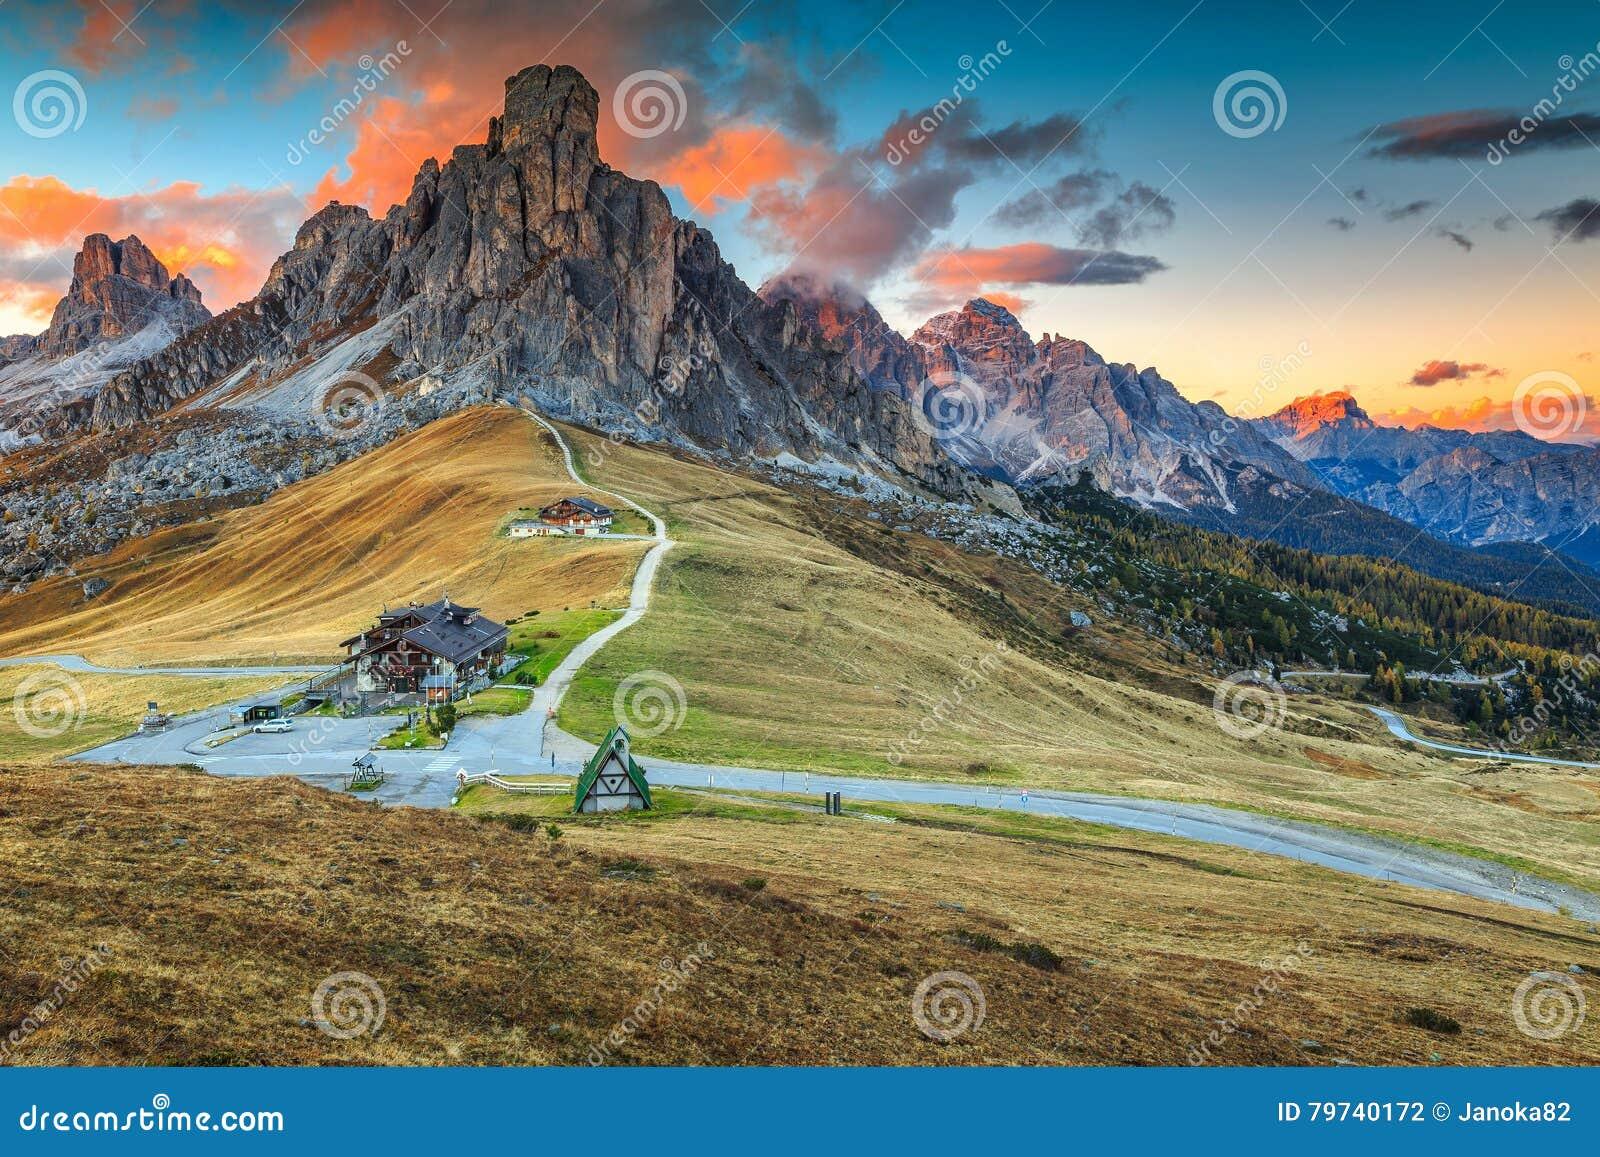 Prachtige alpiene pas met hoge pieken op achtergrond, Dolomiet, Italië